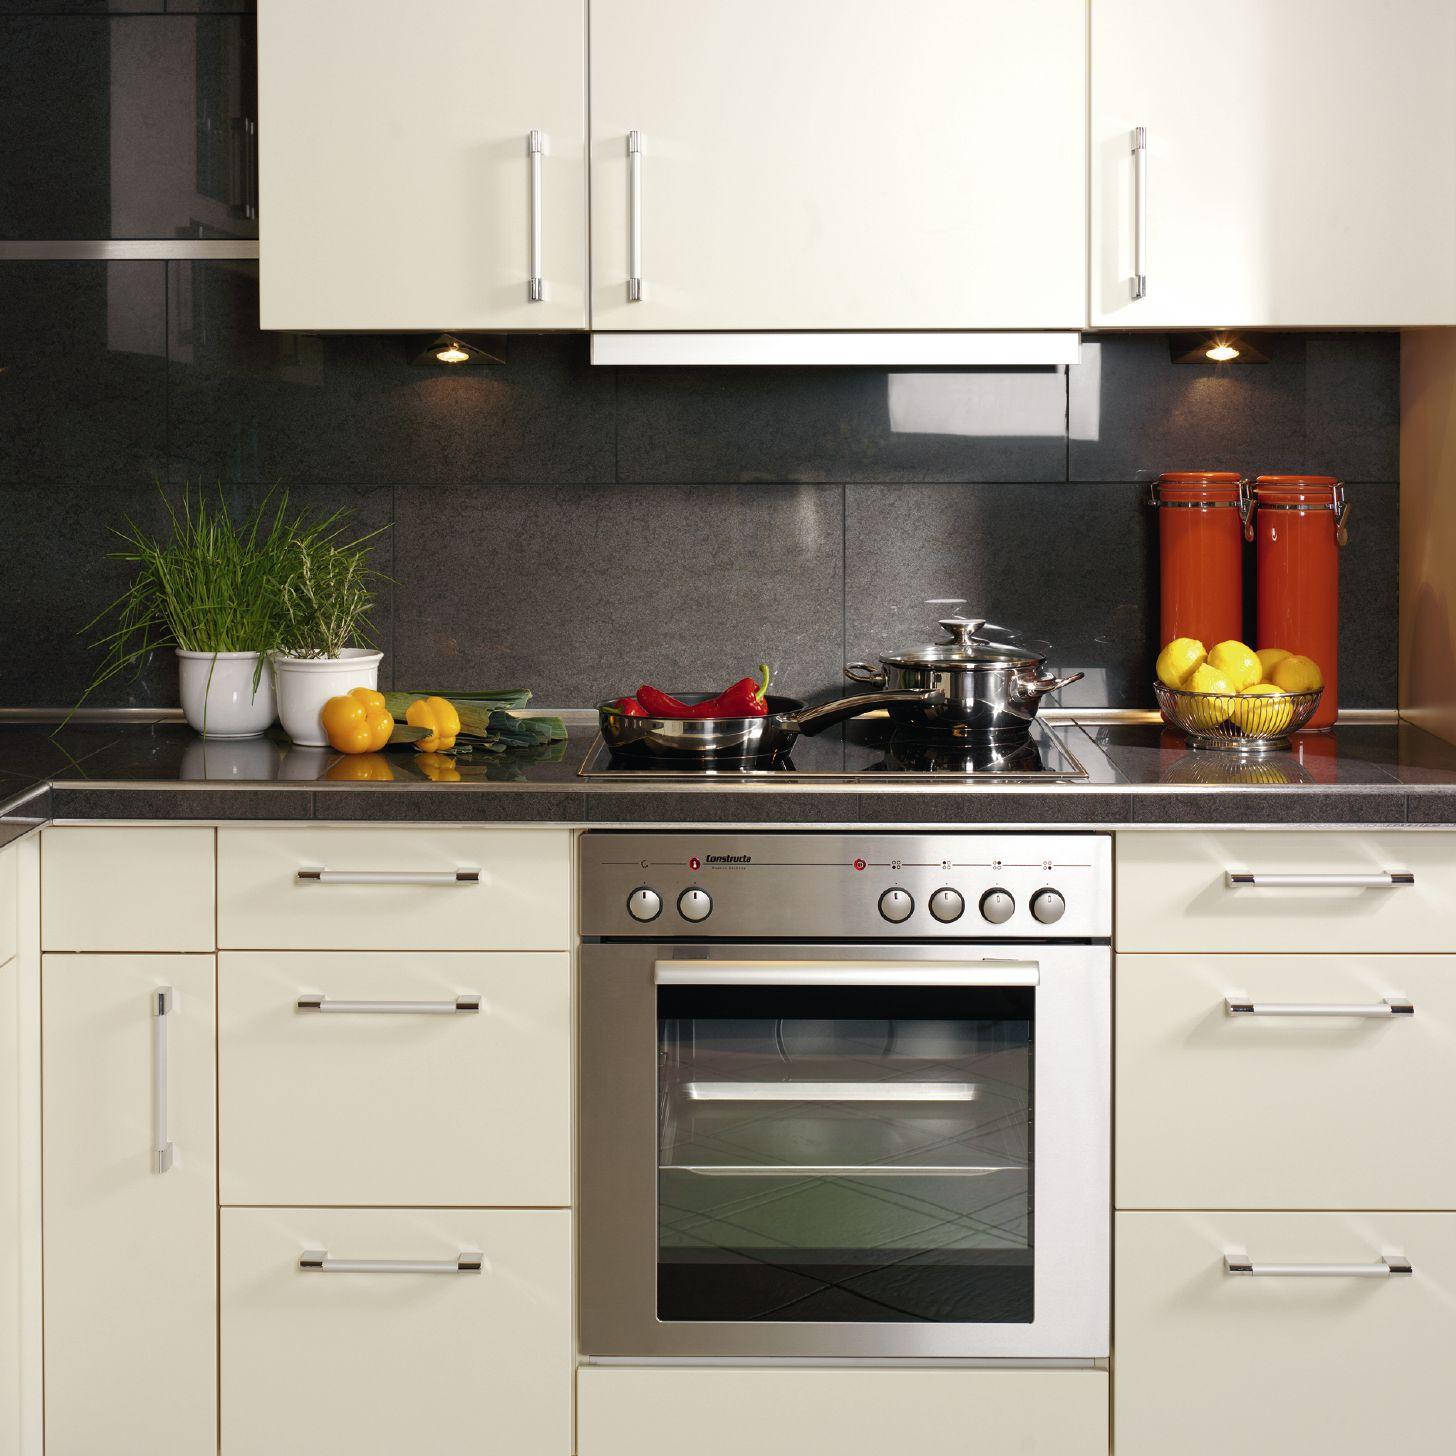 Comment Installer Un Comptoir De Cuisine comptoirs | schluter.ca